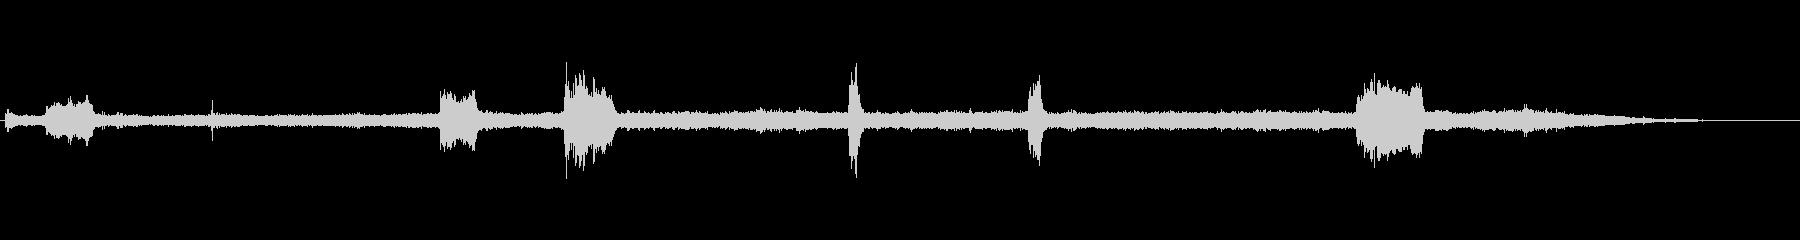 ソーイングメタル-スクリーミング-楽器の未再生の波形